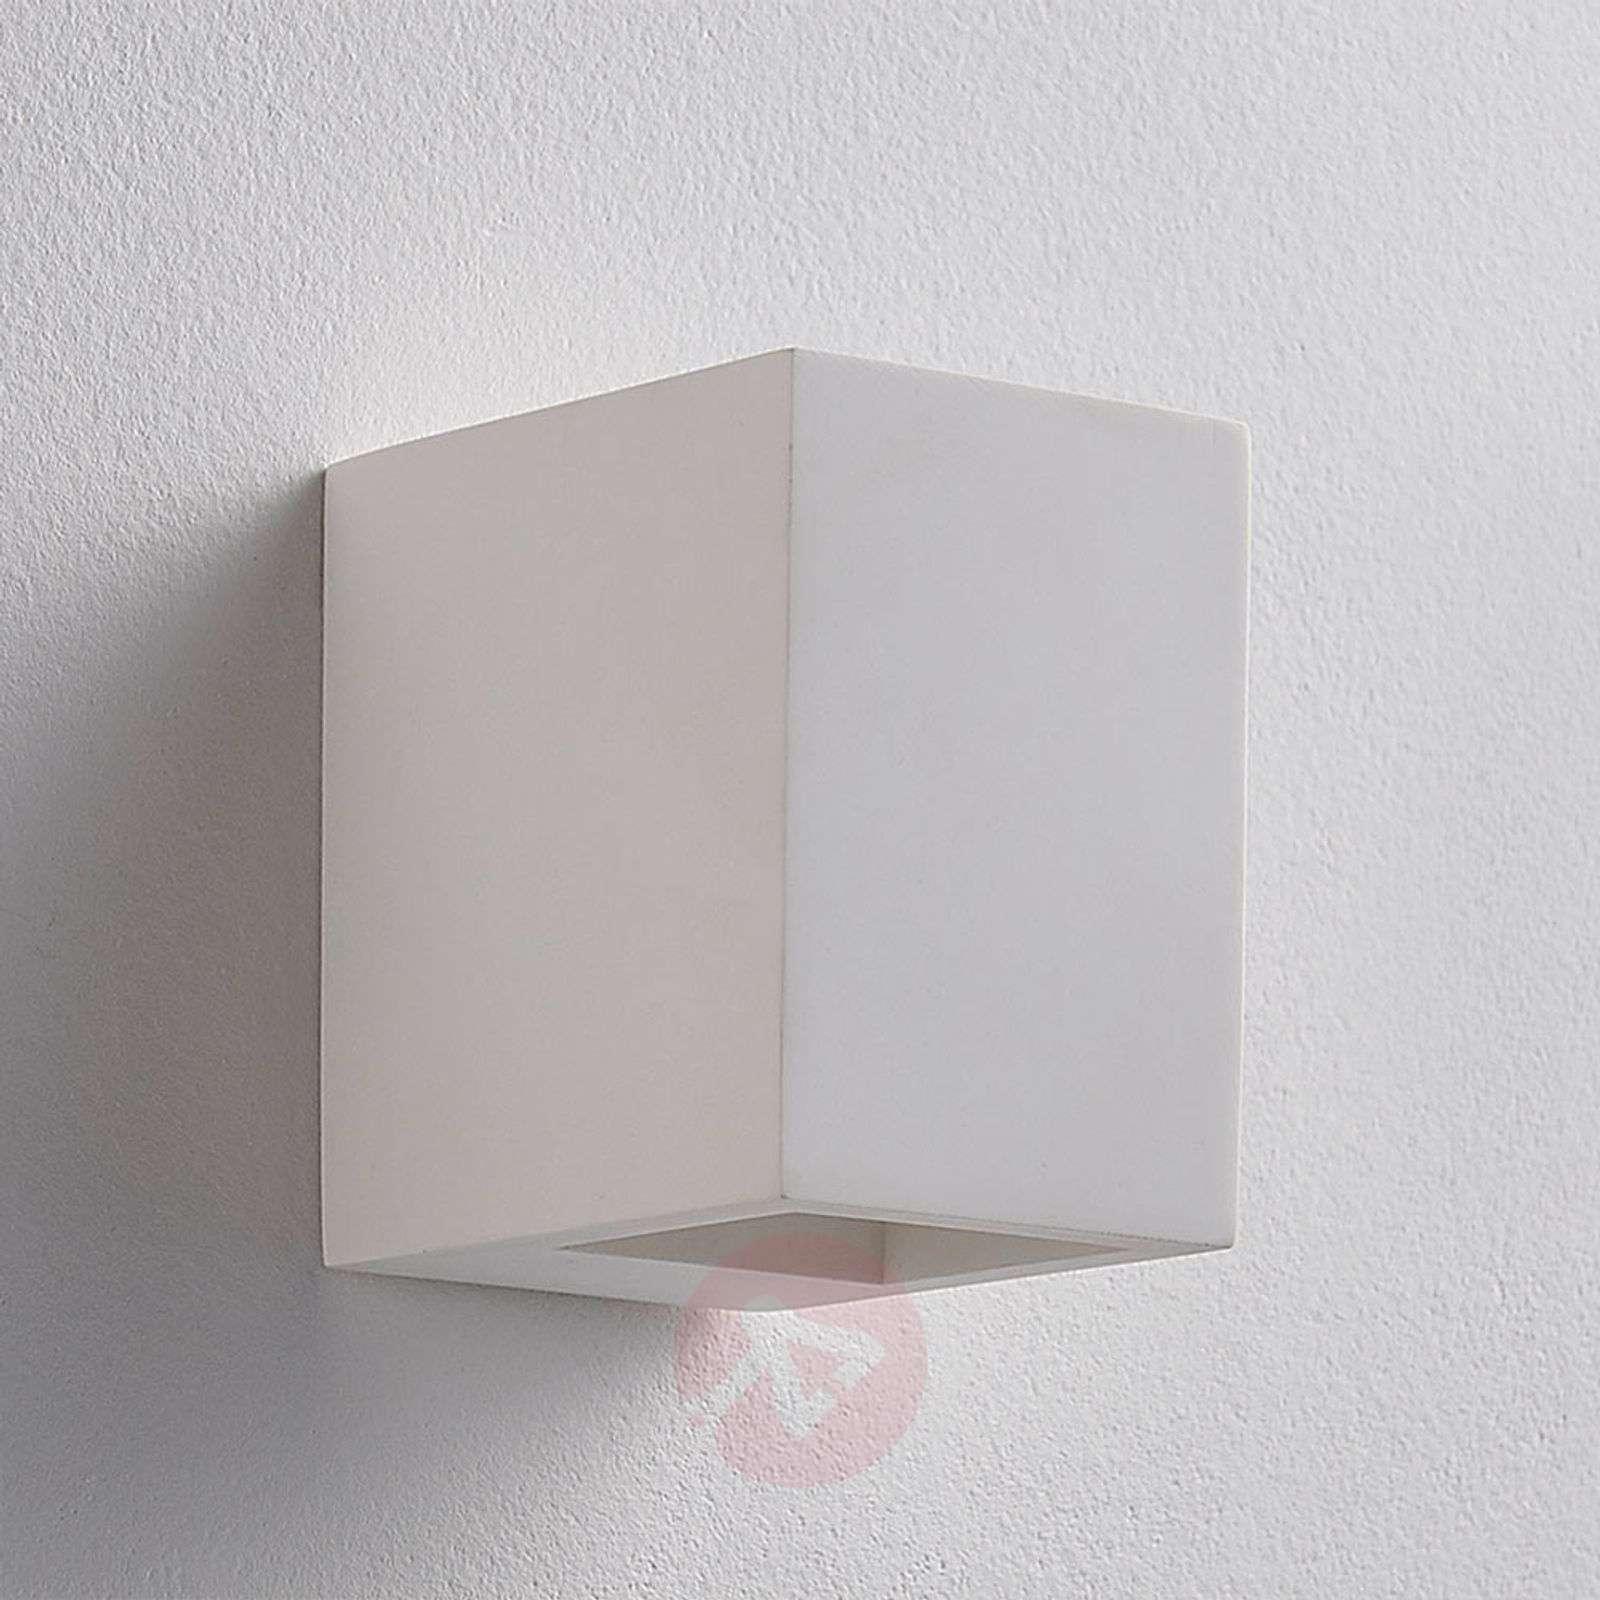 Valkoinen LED-seinävalaisin Jannes, kipsiä-9621339-02